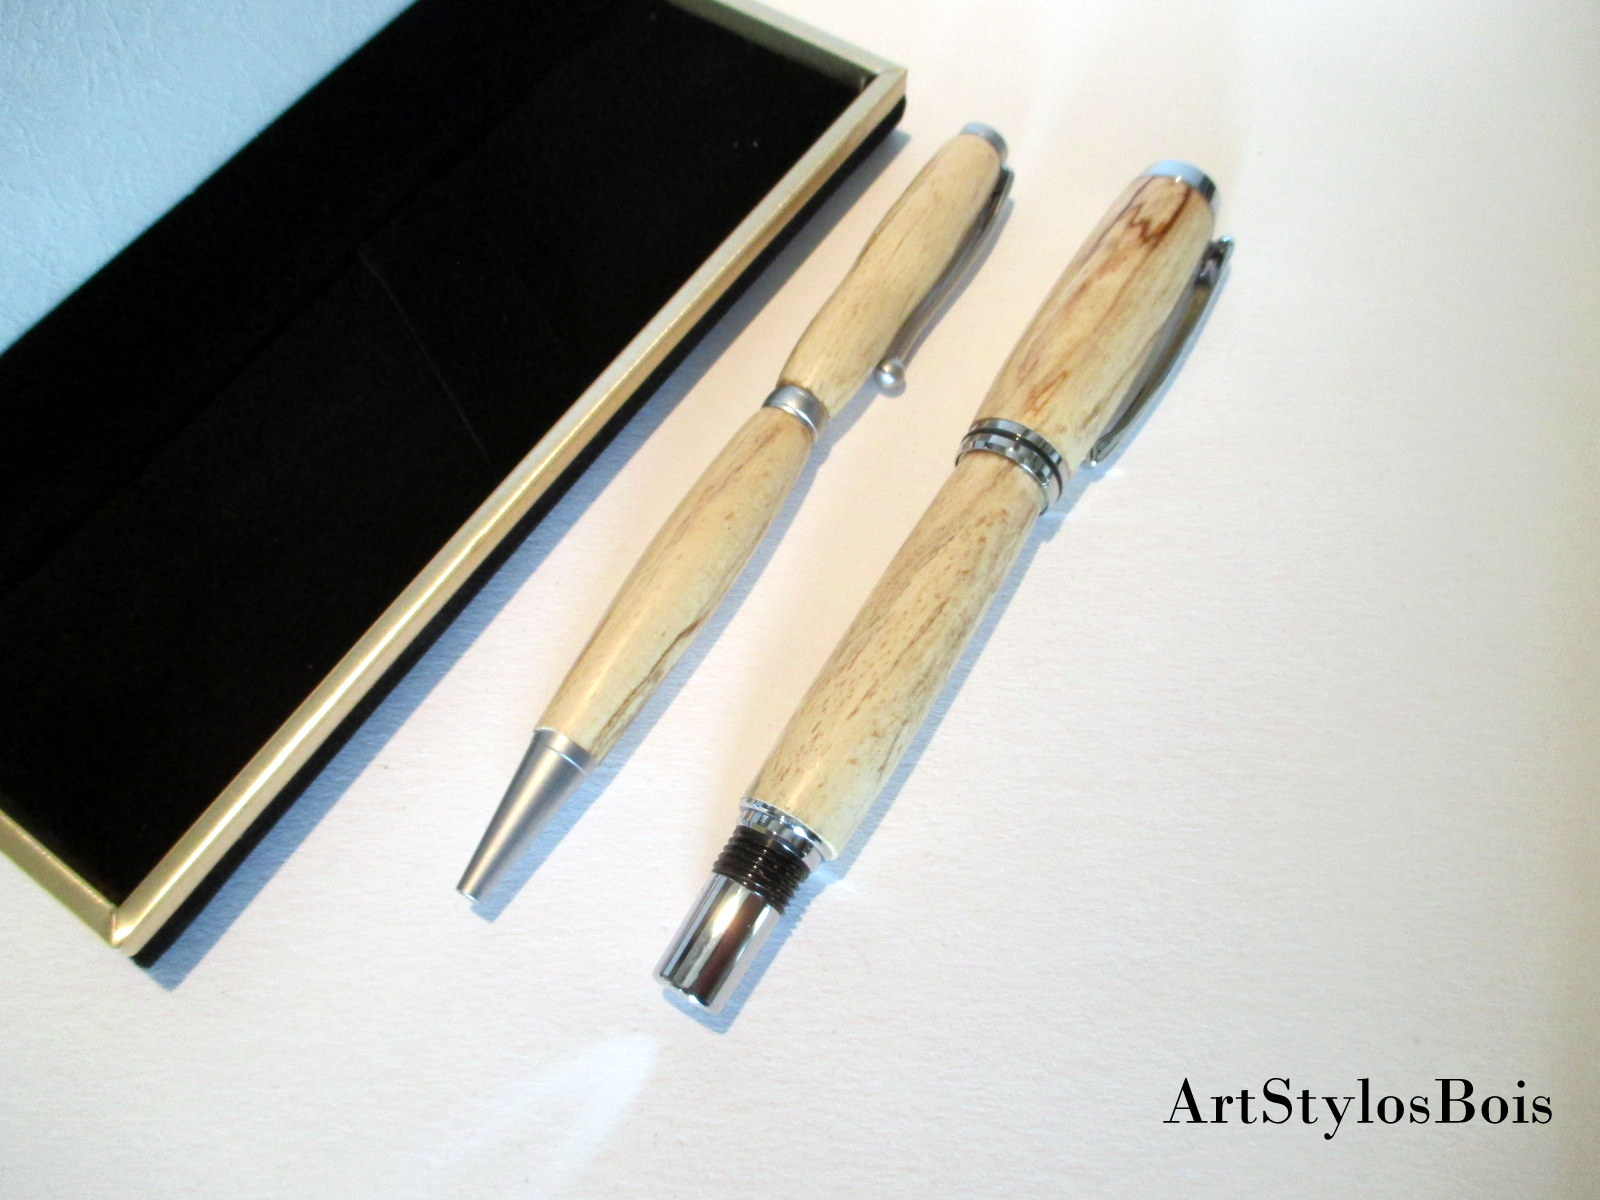 Achat Stylos et objets en bois fabrication artisanale cadeau 87b92069f3f